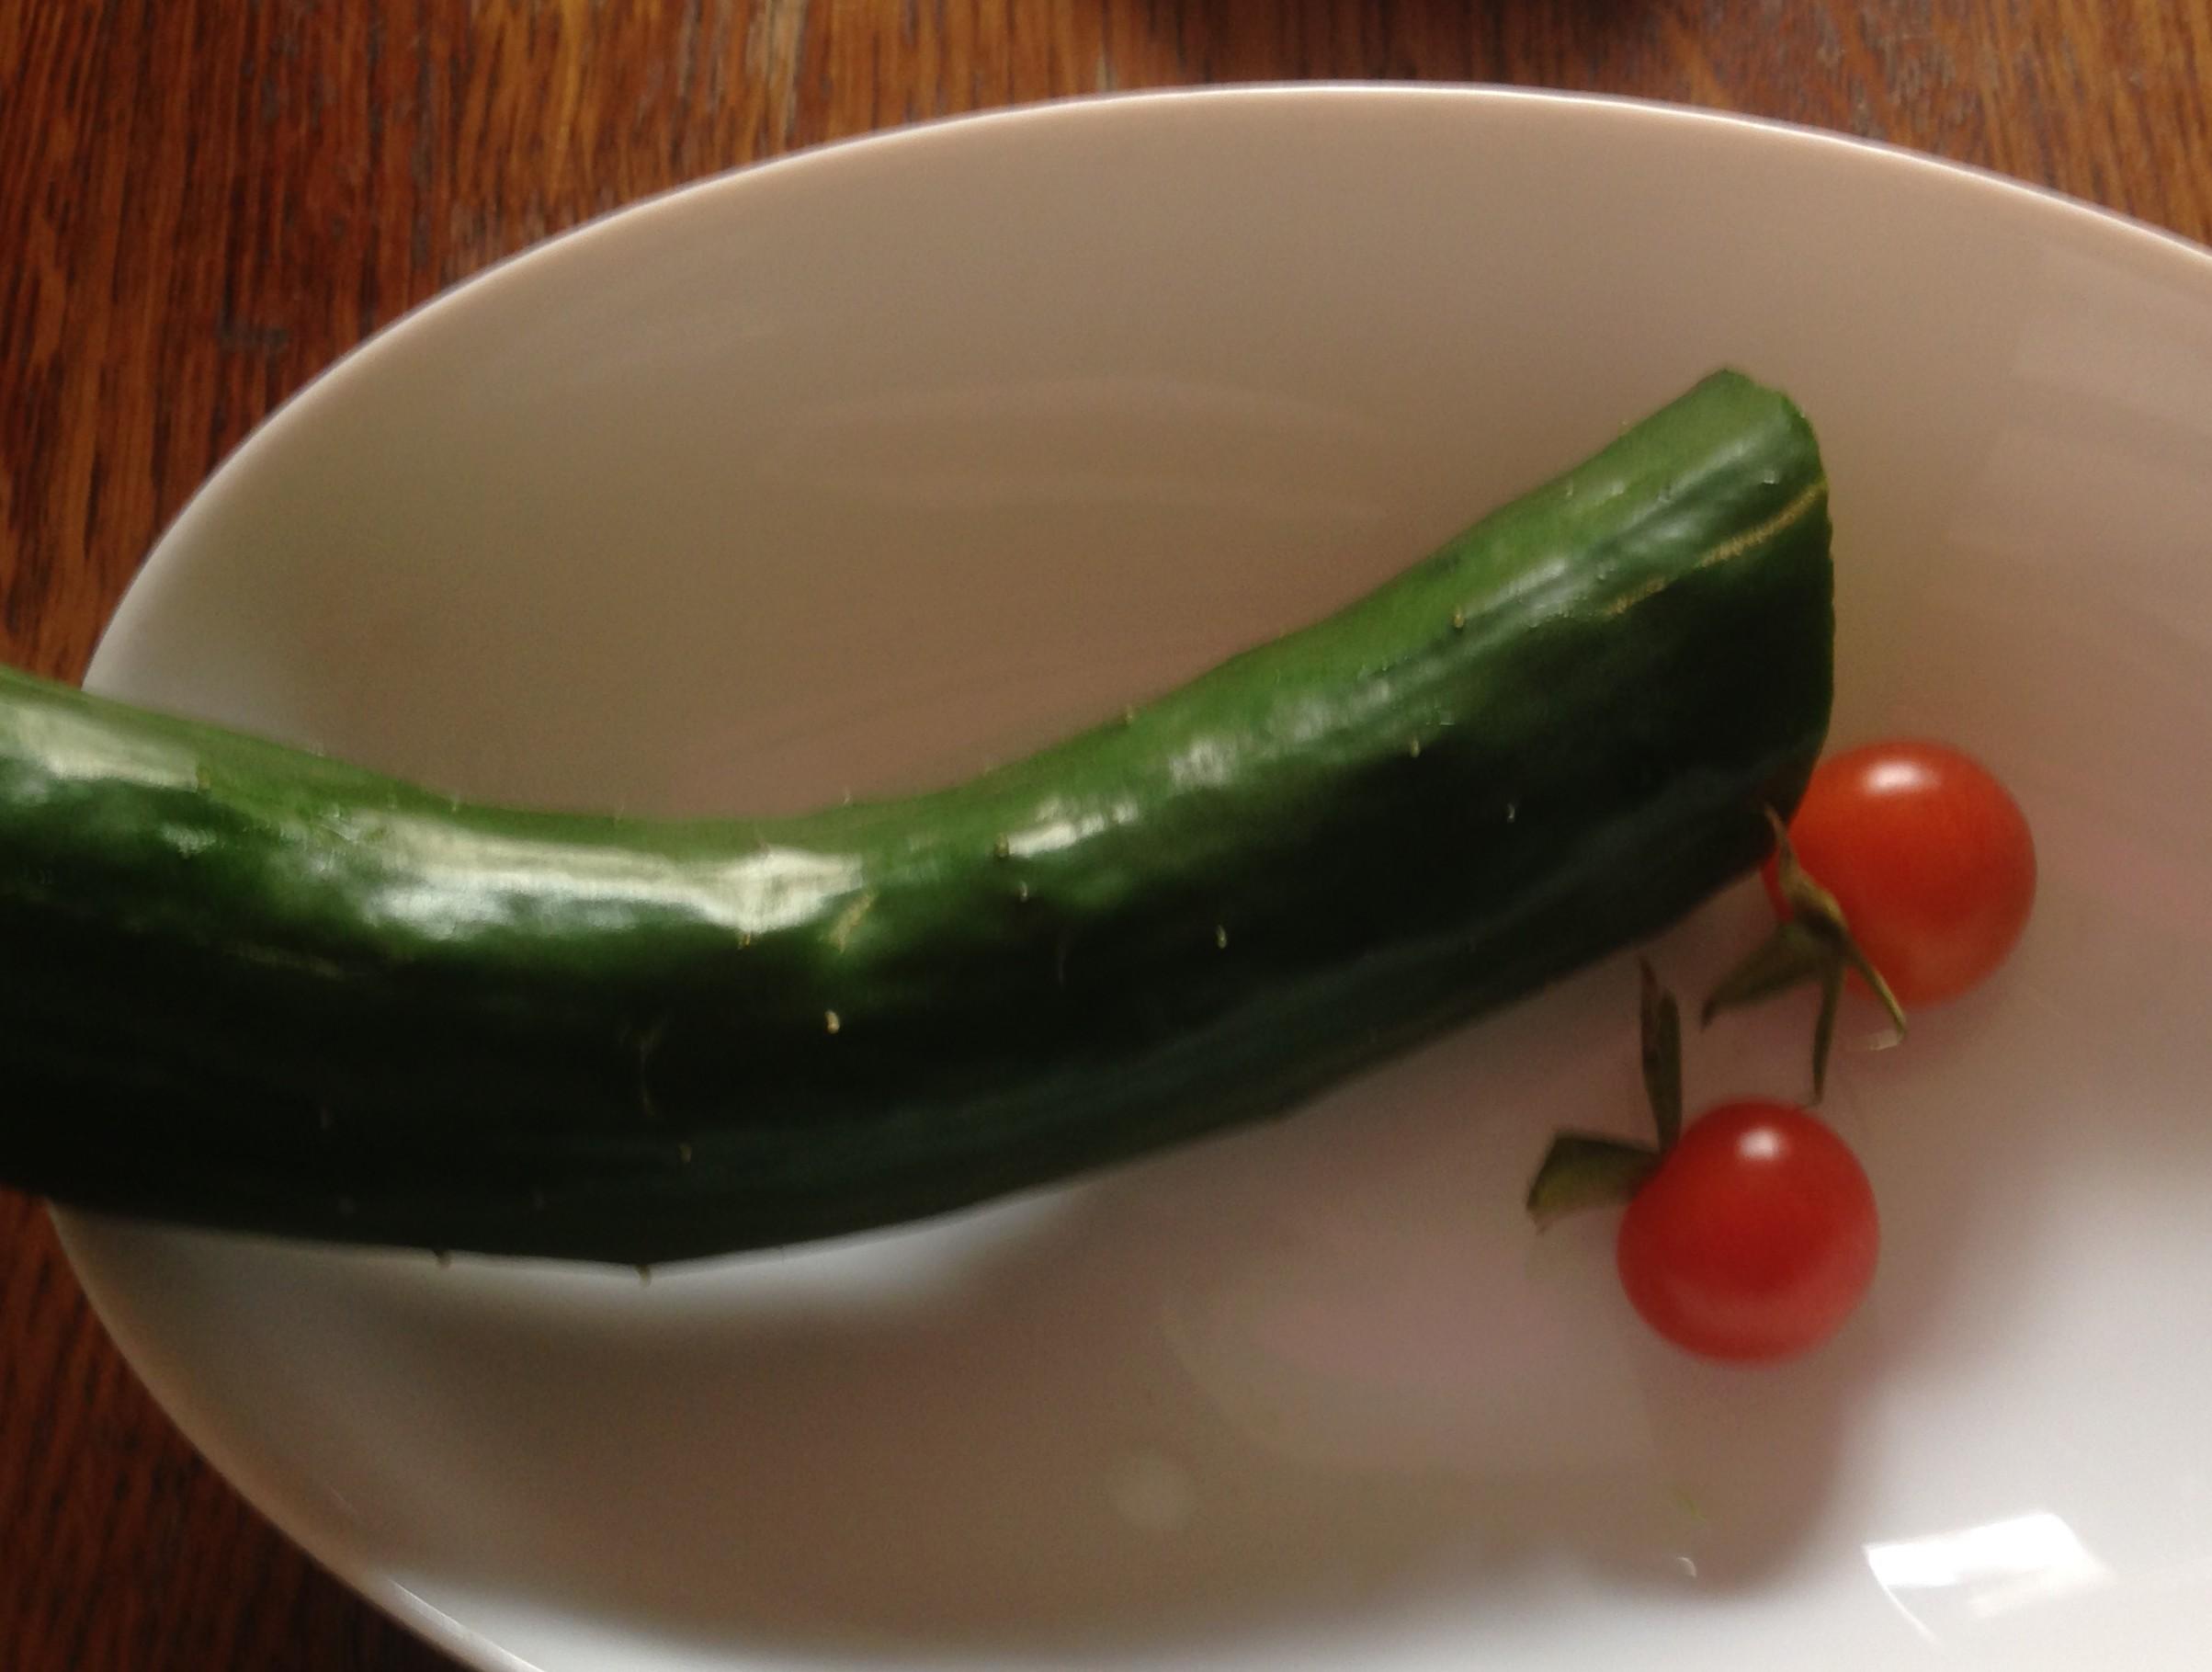 我が家の採れたて!きゅうりとミニトマト@摂理の味(母栽培)